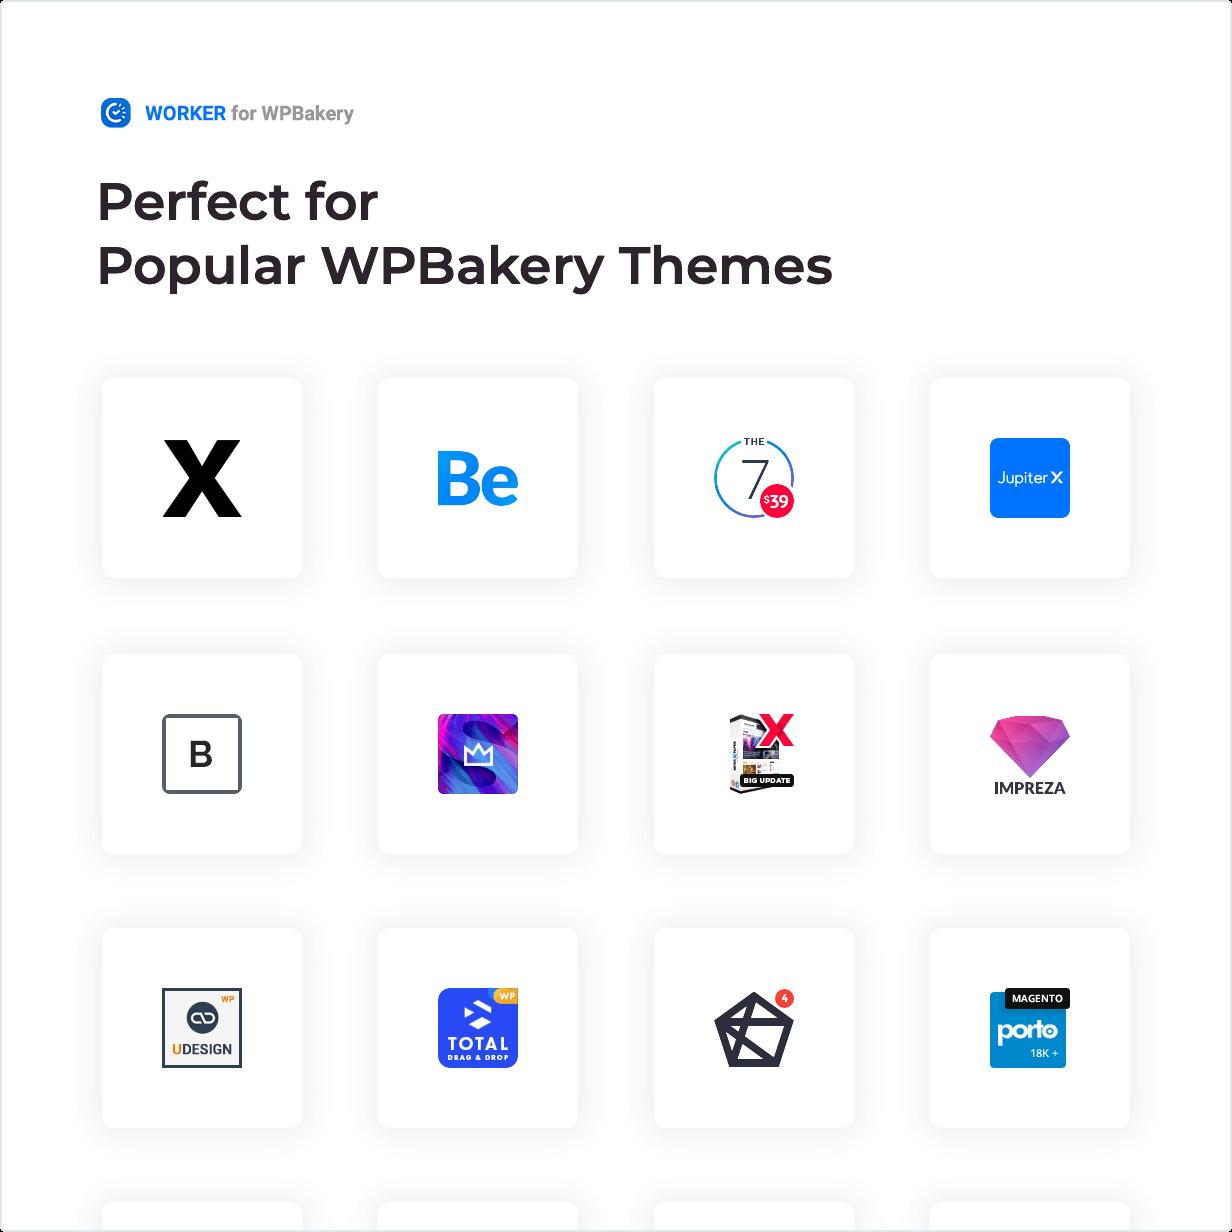 Widget de trabajador: perfecto para temas populares de WPBakery